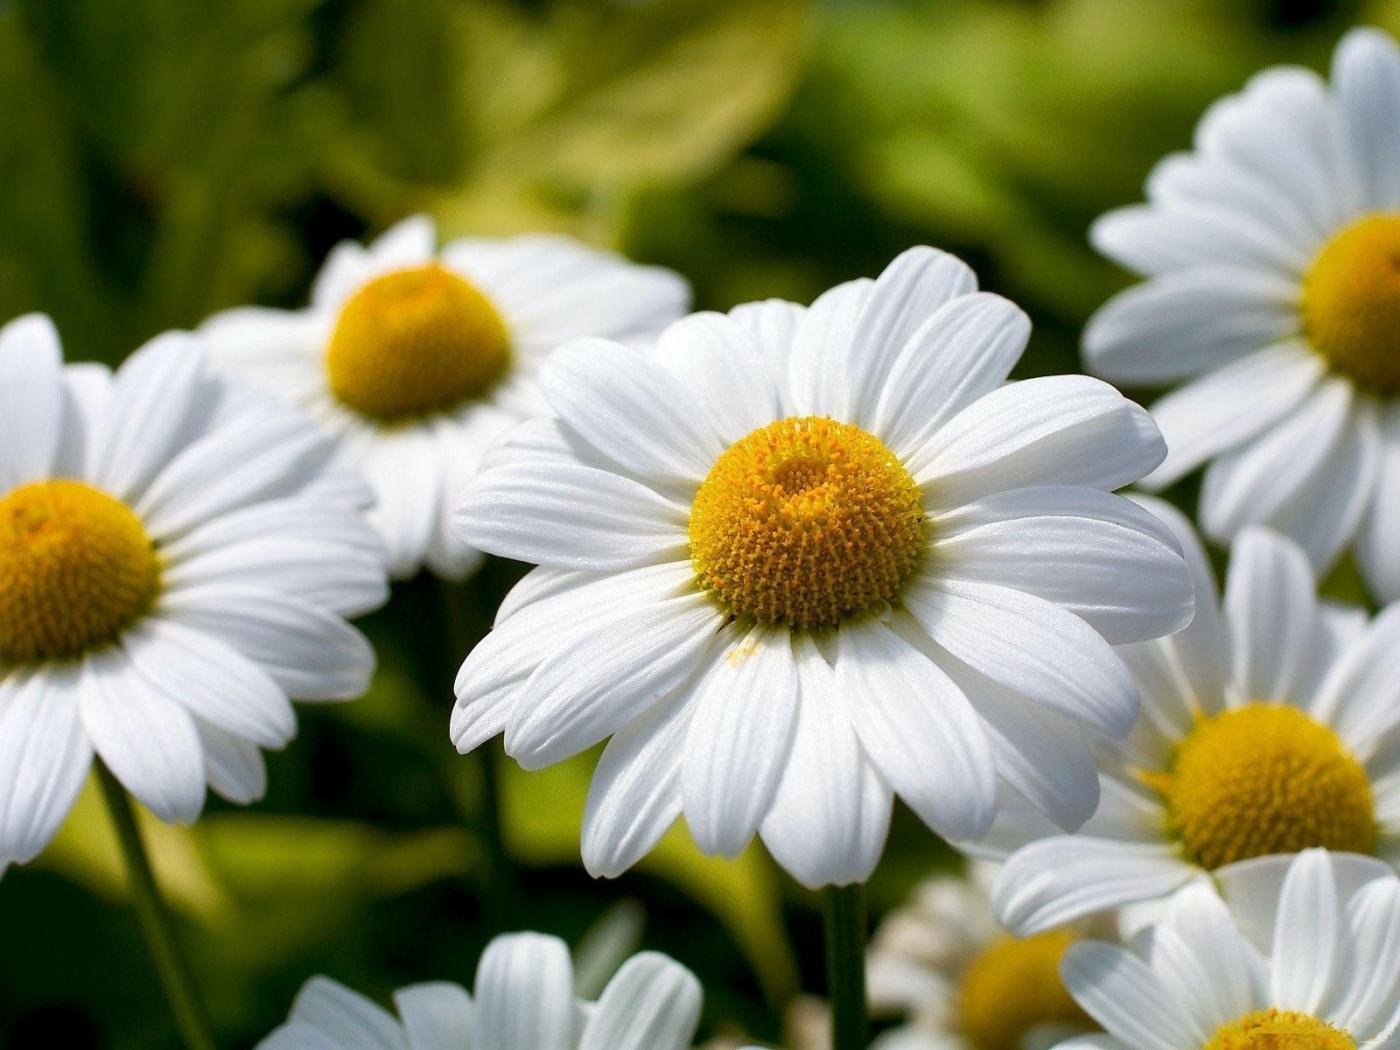 Handy-Wallpaper Pflanzen, Blumen, Kamille kostenlos herunterladen.